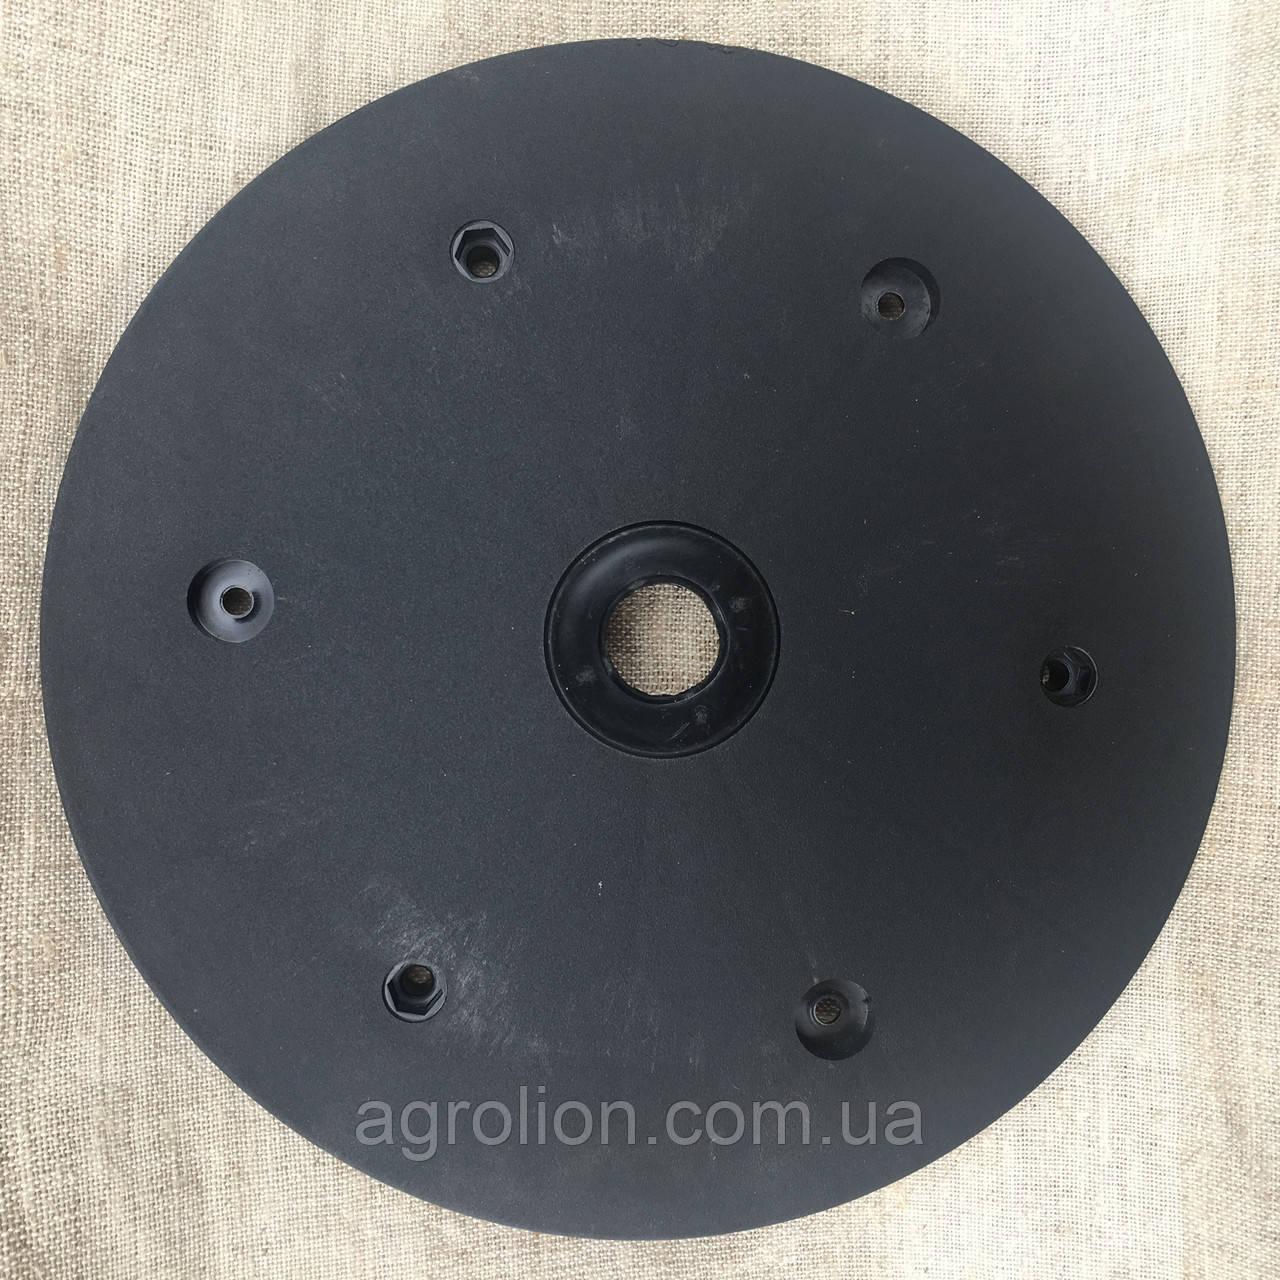 """Напівдиск прикотуючого колеса (диск поліамід) 1""""x12"""" F06120257"""